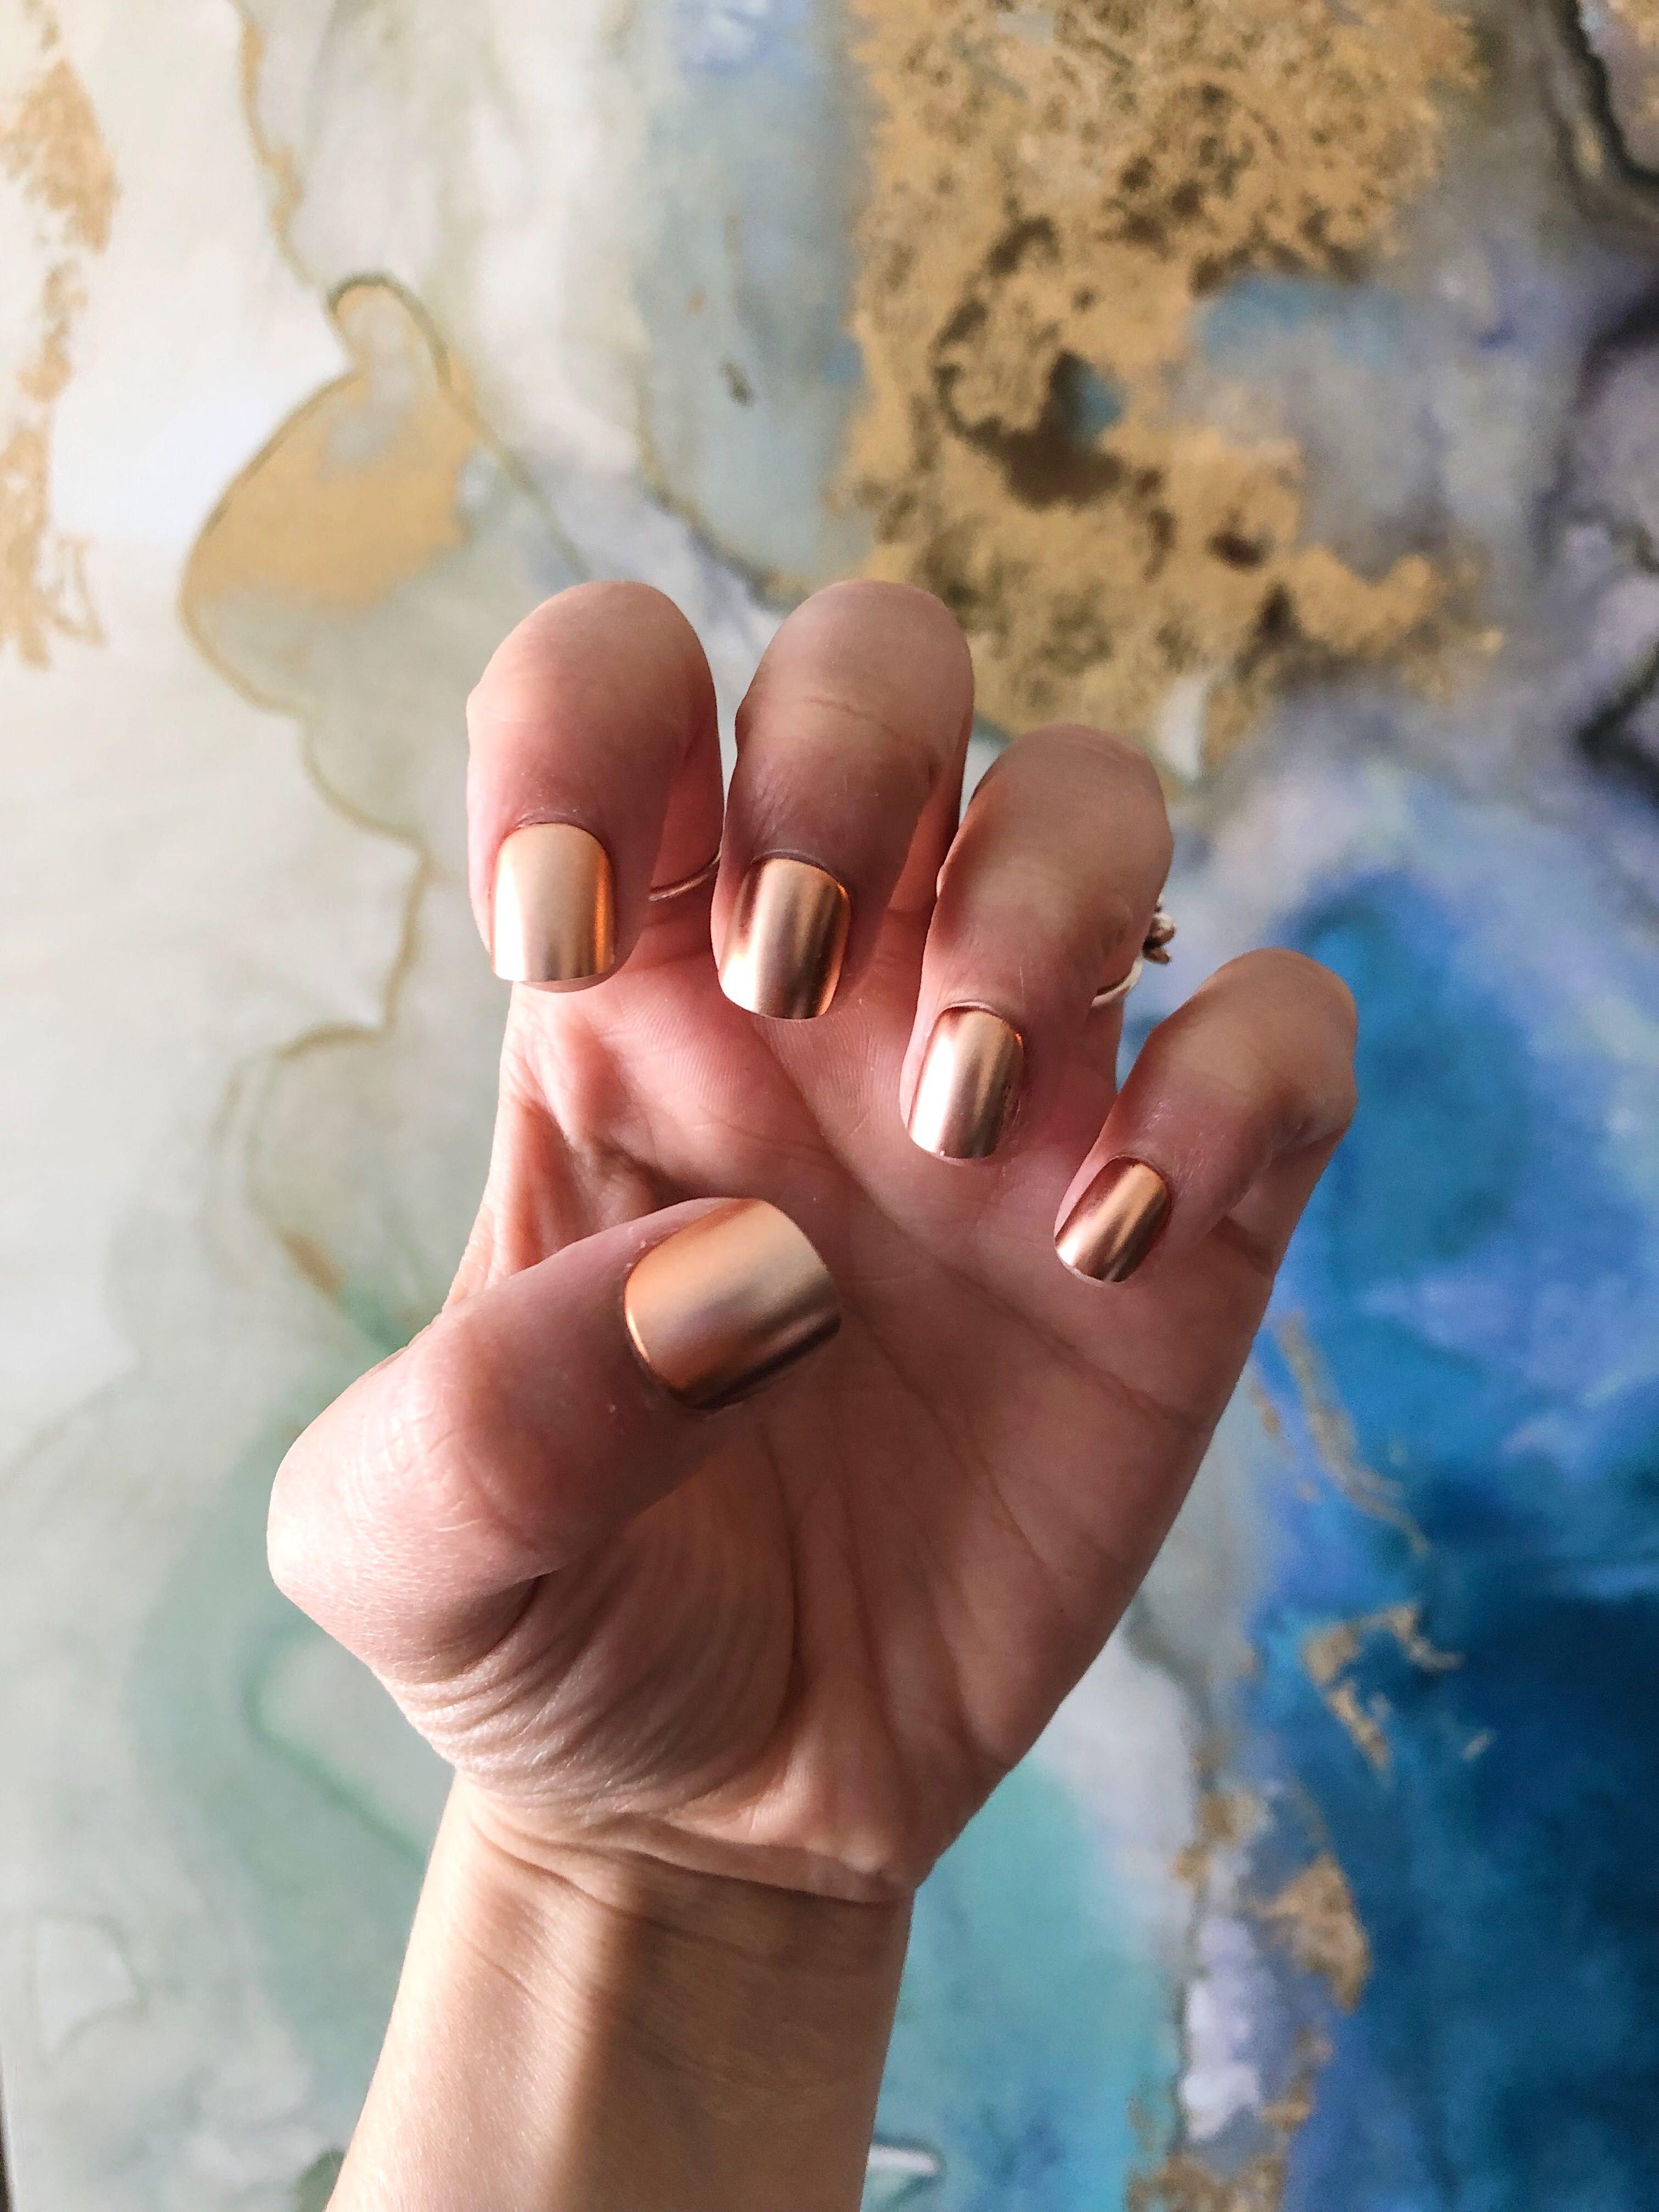 Cvs Press On Nails : press, nails, Press, Nails, Without, Damage